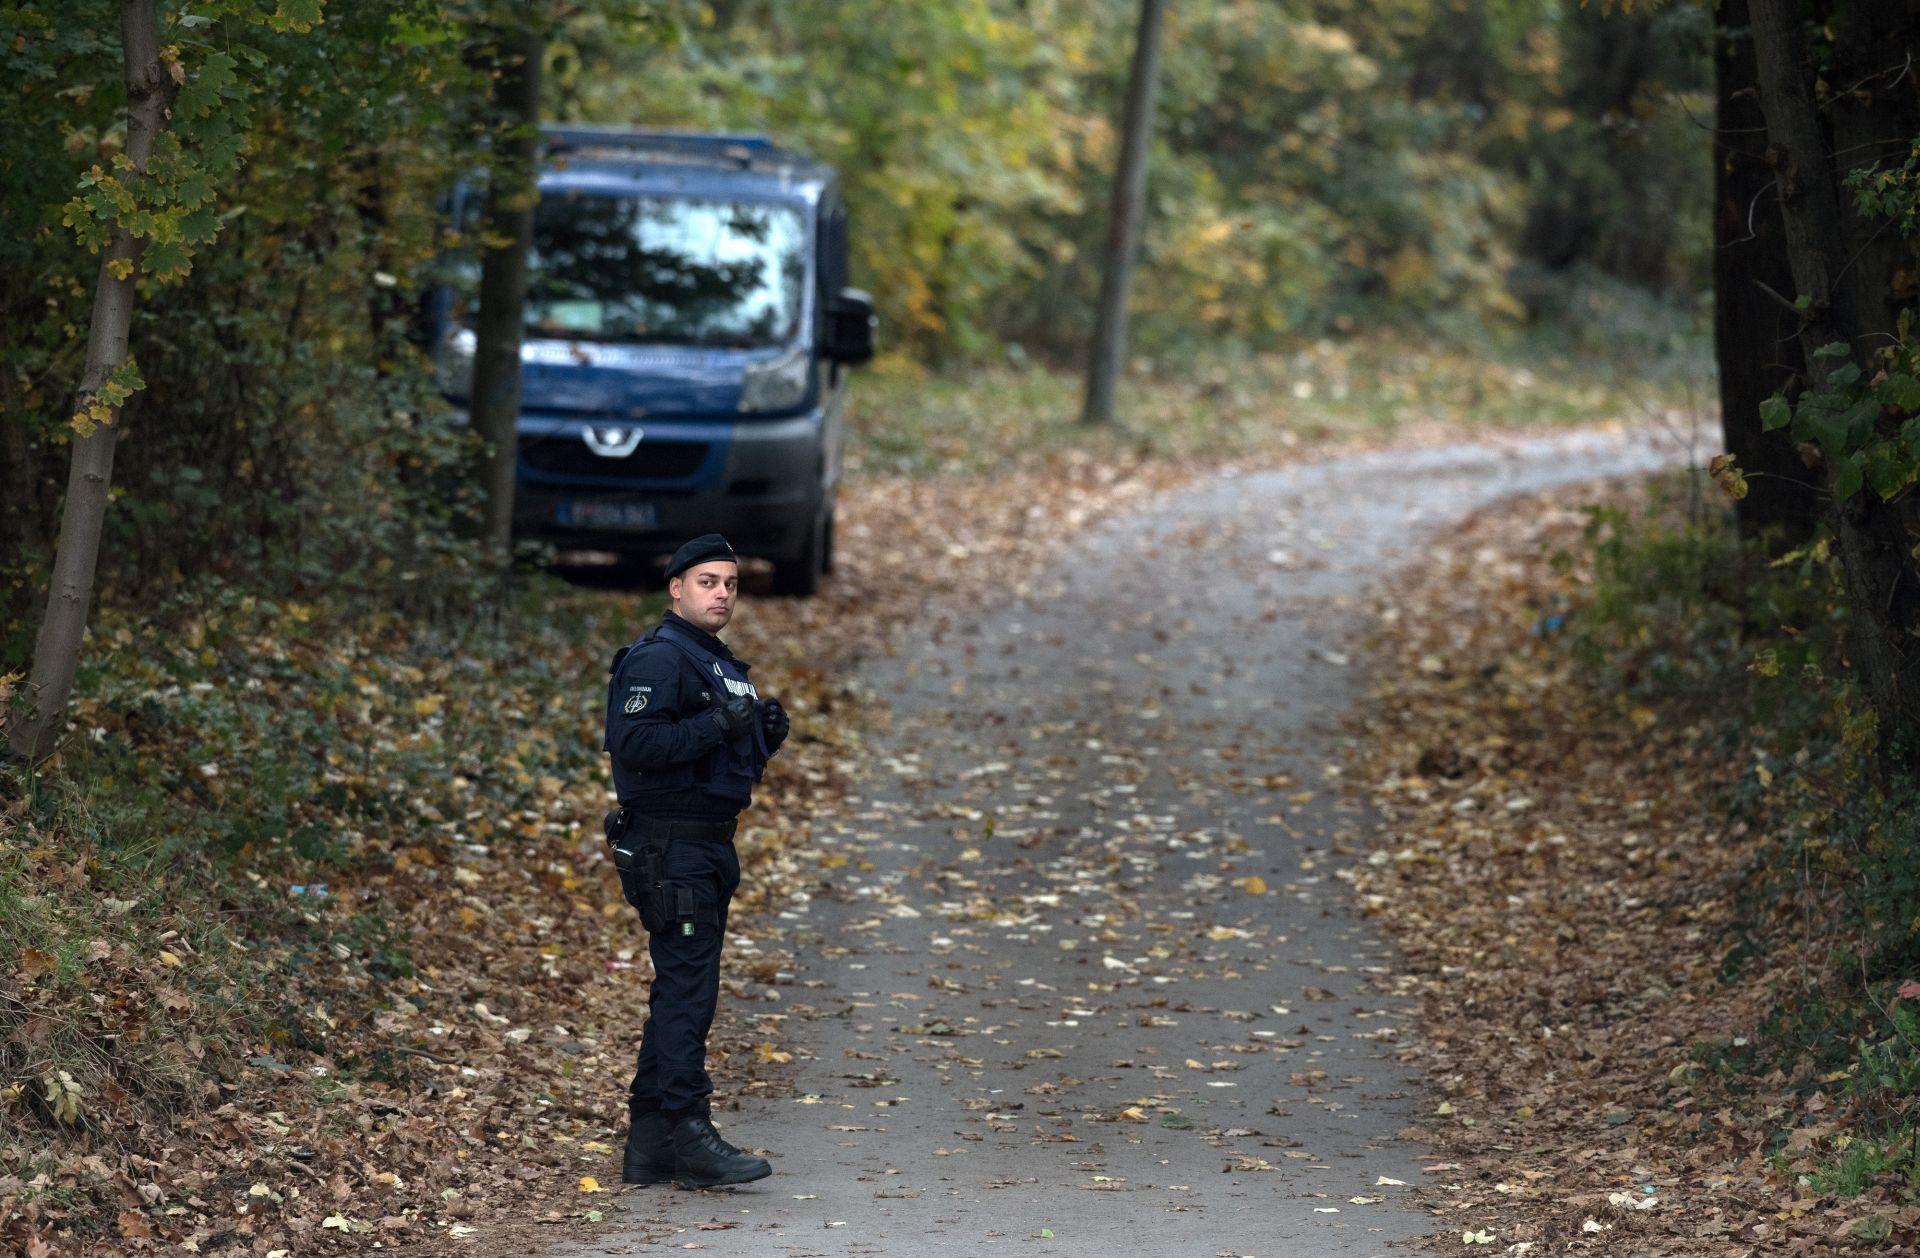 UHIĆENJA U SRBIJI: Dvojica osumnjičenih za terorističke akcije u Crnoj Gori